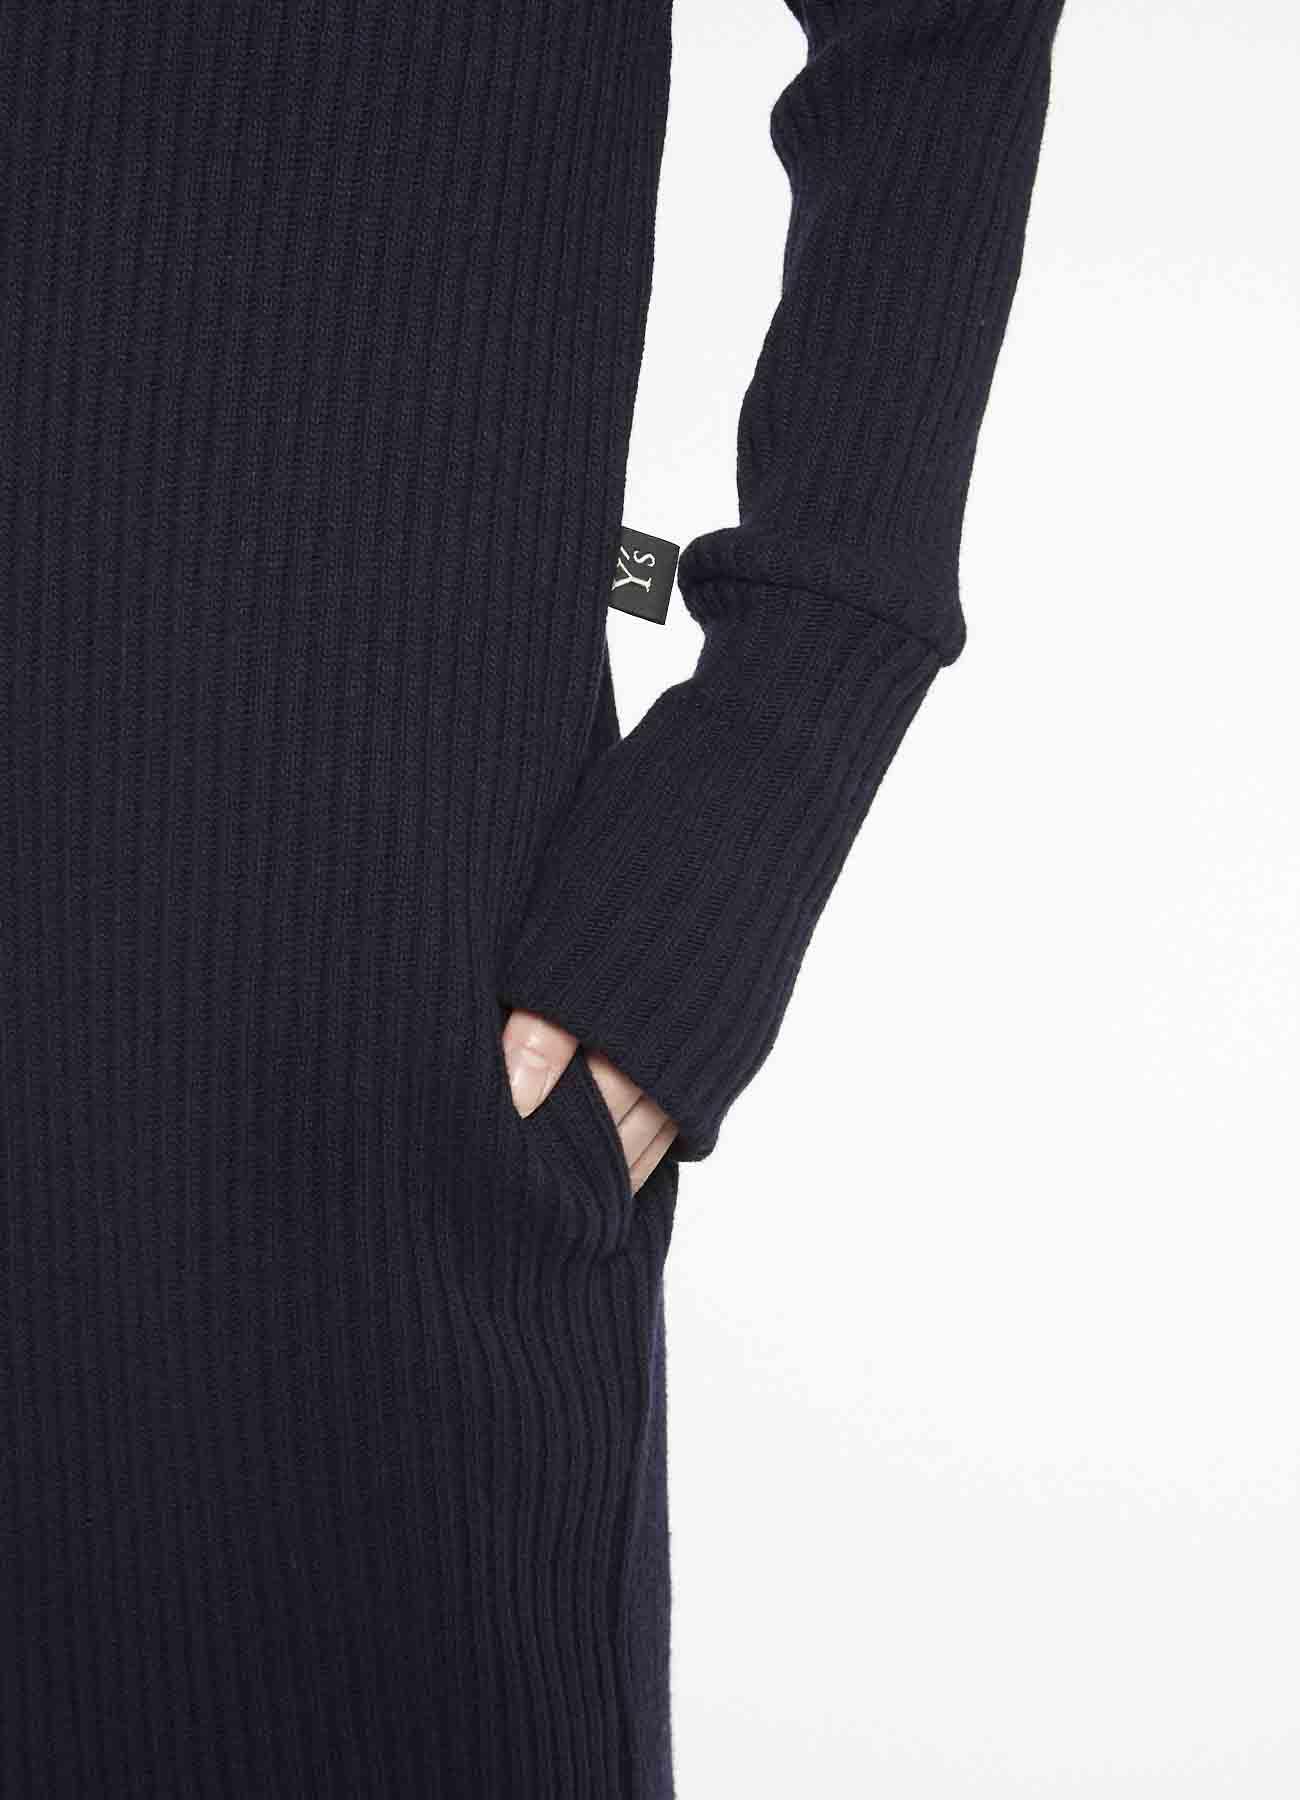 COTTON WOOL NYLON RIB STITCH HIGH NECK SWEATER DRESS